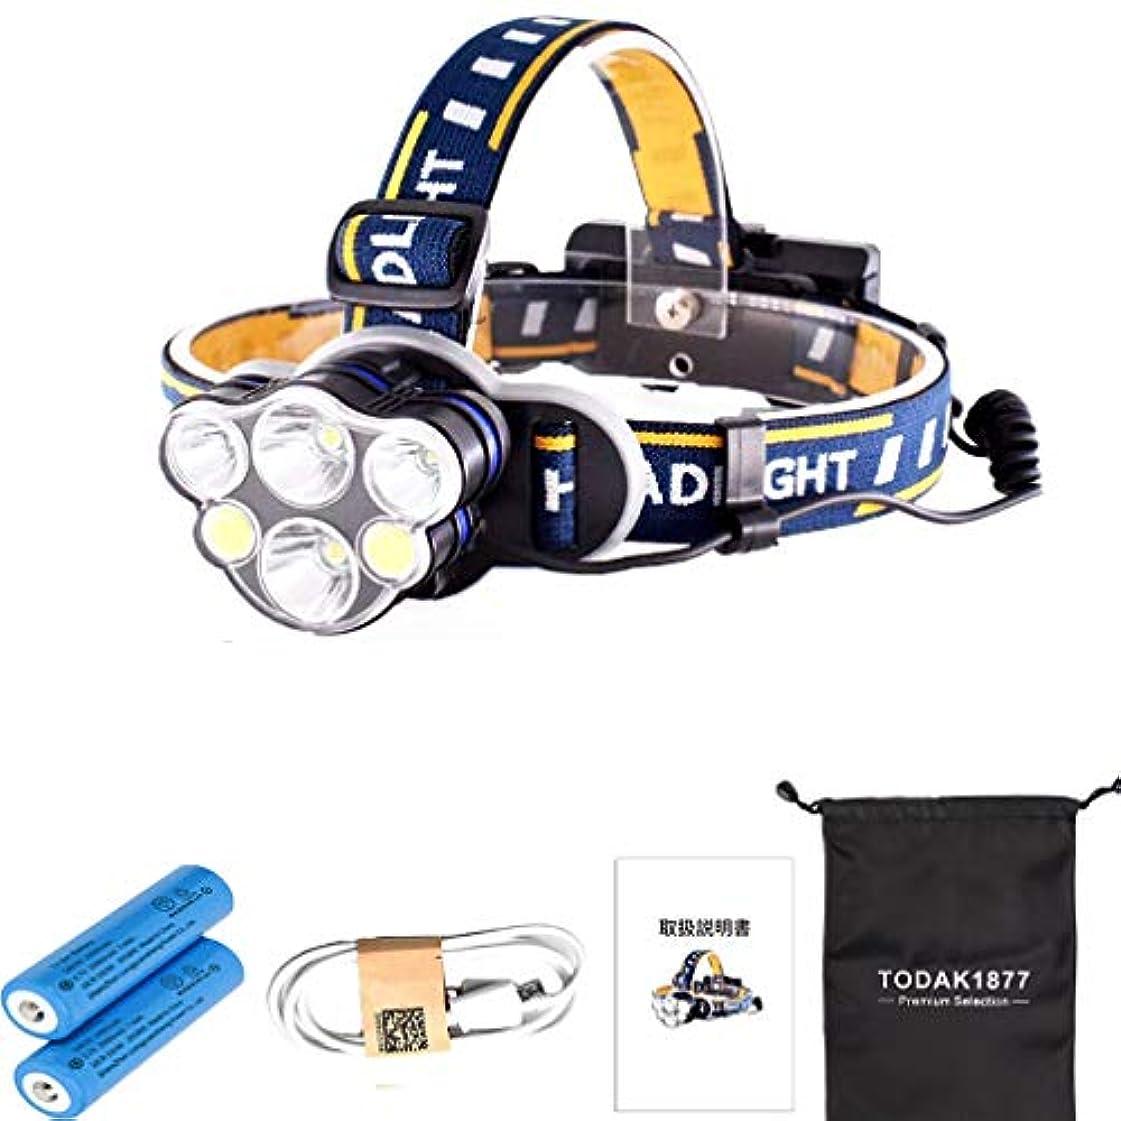 宿泊盆地冷凍庫TODAK1877 LEDヘッドライト usb充電式 8点灯モード 18650電池 防災 作業 登山  防水ヘッドランプ 釣り